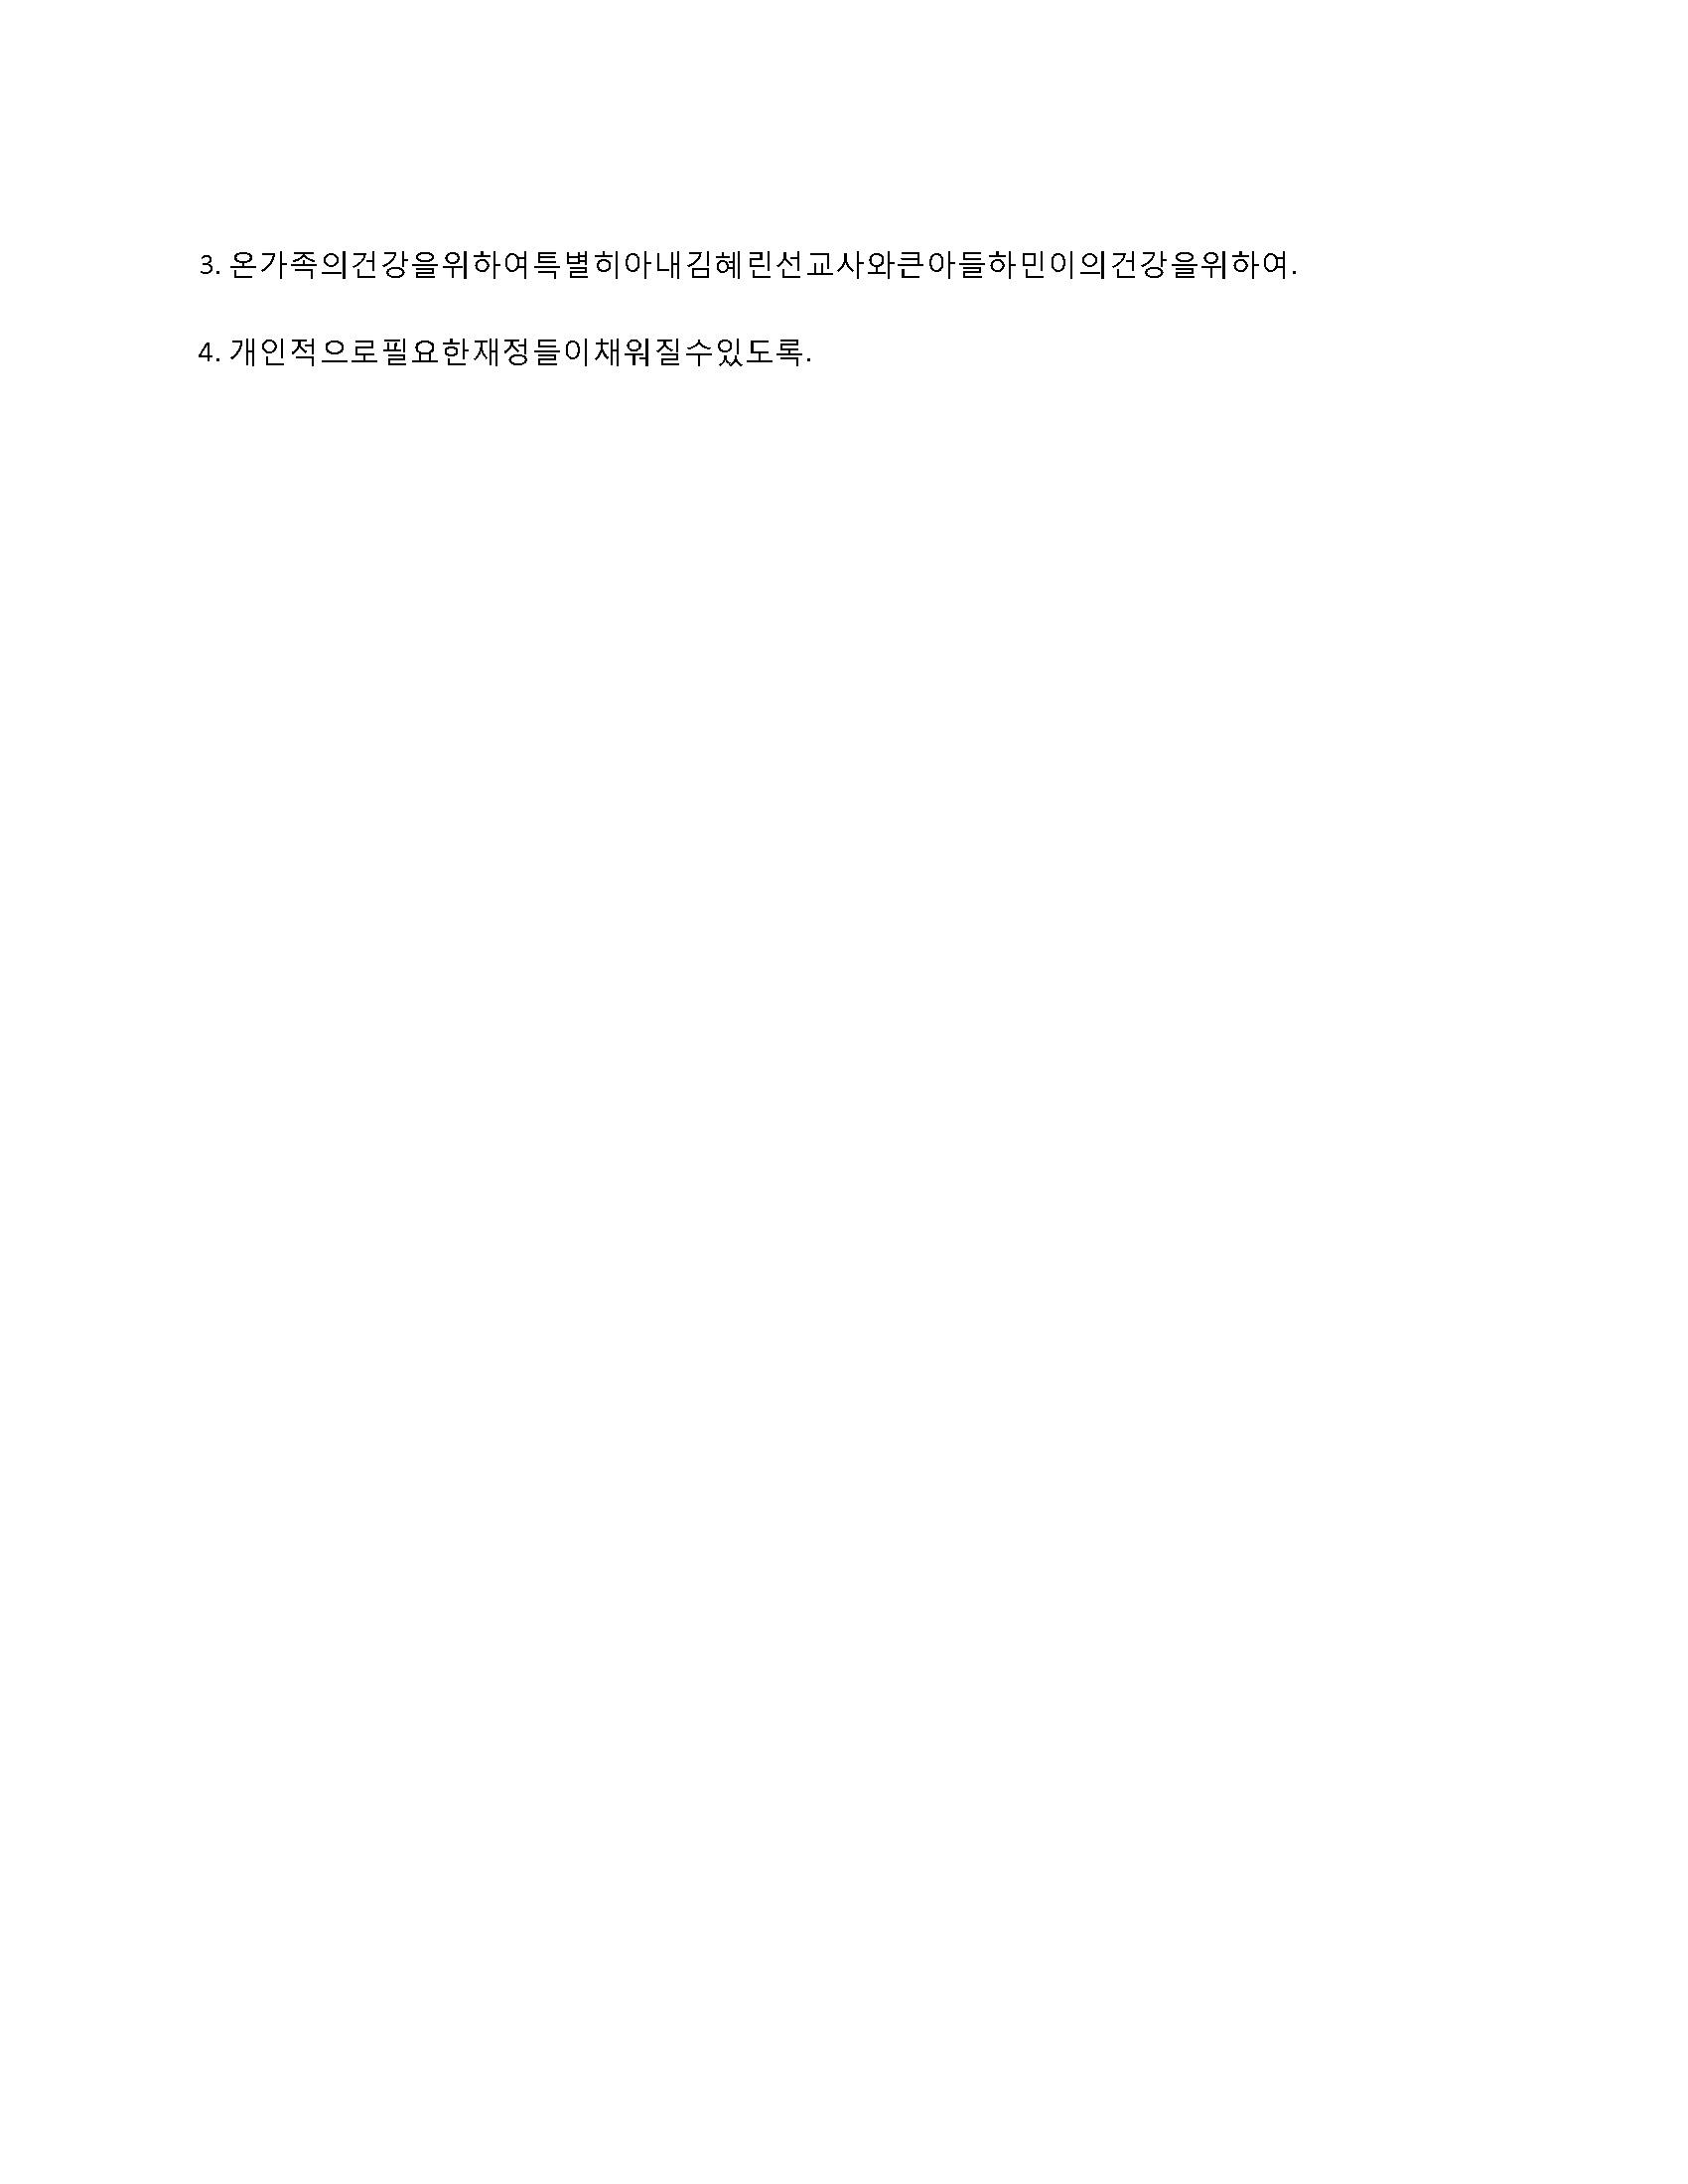 2019년 3월 선교편지_페이지_4.jpg